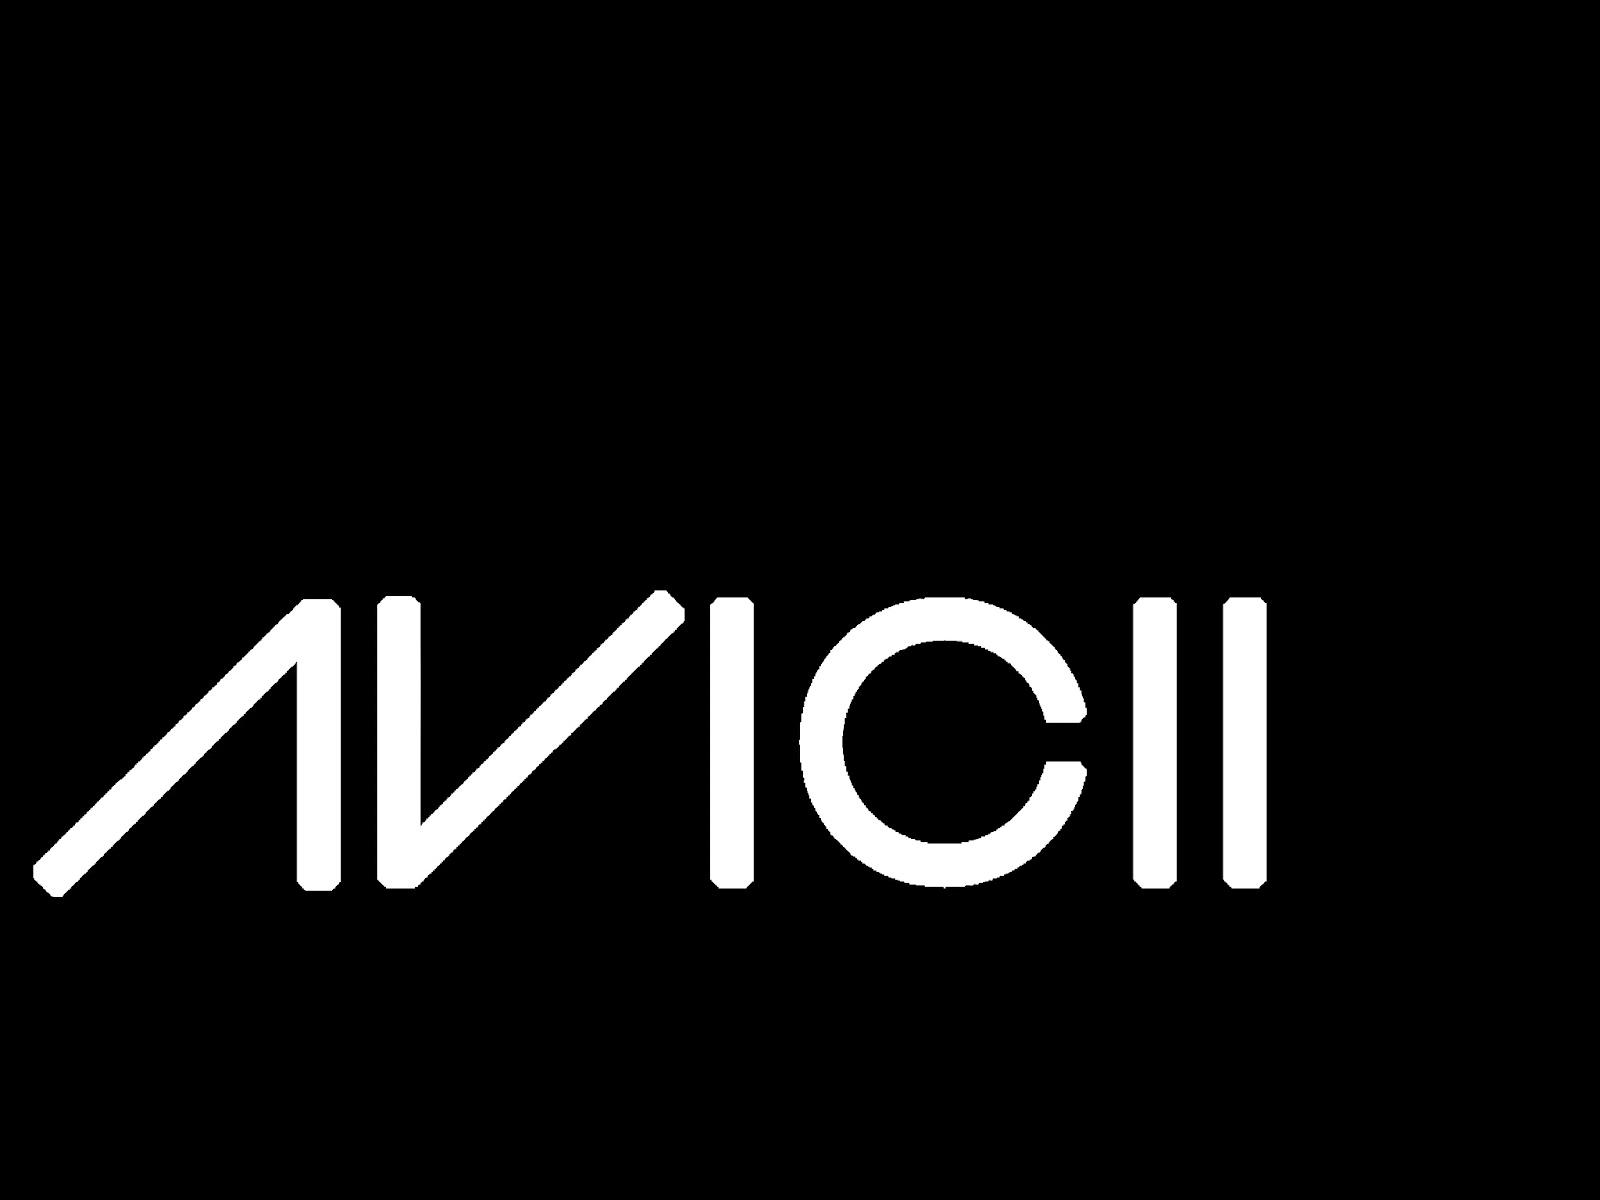 http://3.bp.blogspot.com/-G3frY0_kyTs/T7MX7fqN1II/AAAAAAAABdg/NGyjftHmh7o/s1600/avicii_logo_1.jpg